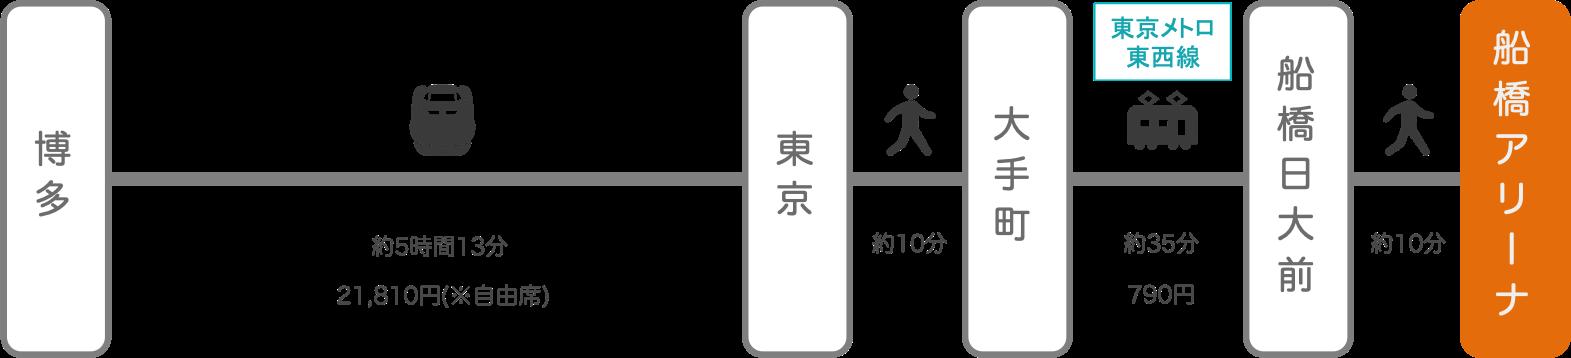 船橋アリーナ_博多(福岡)_新幹線